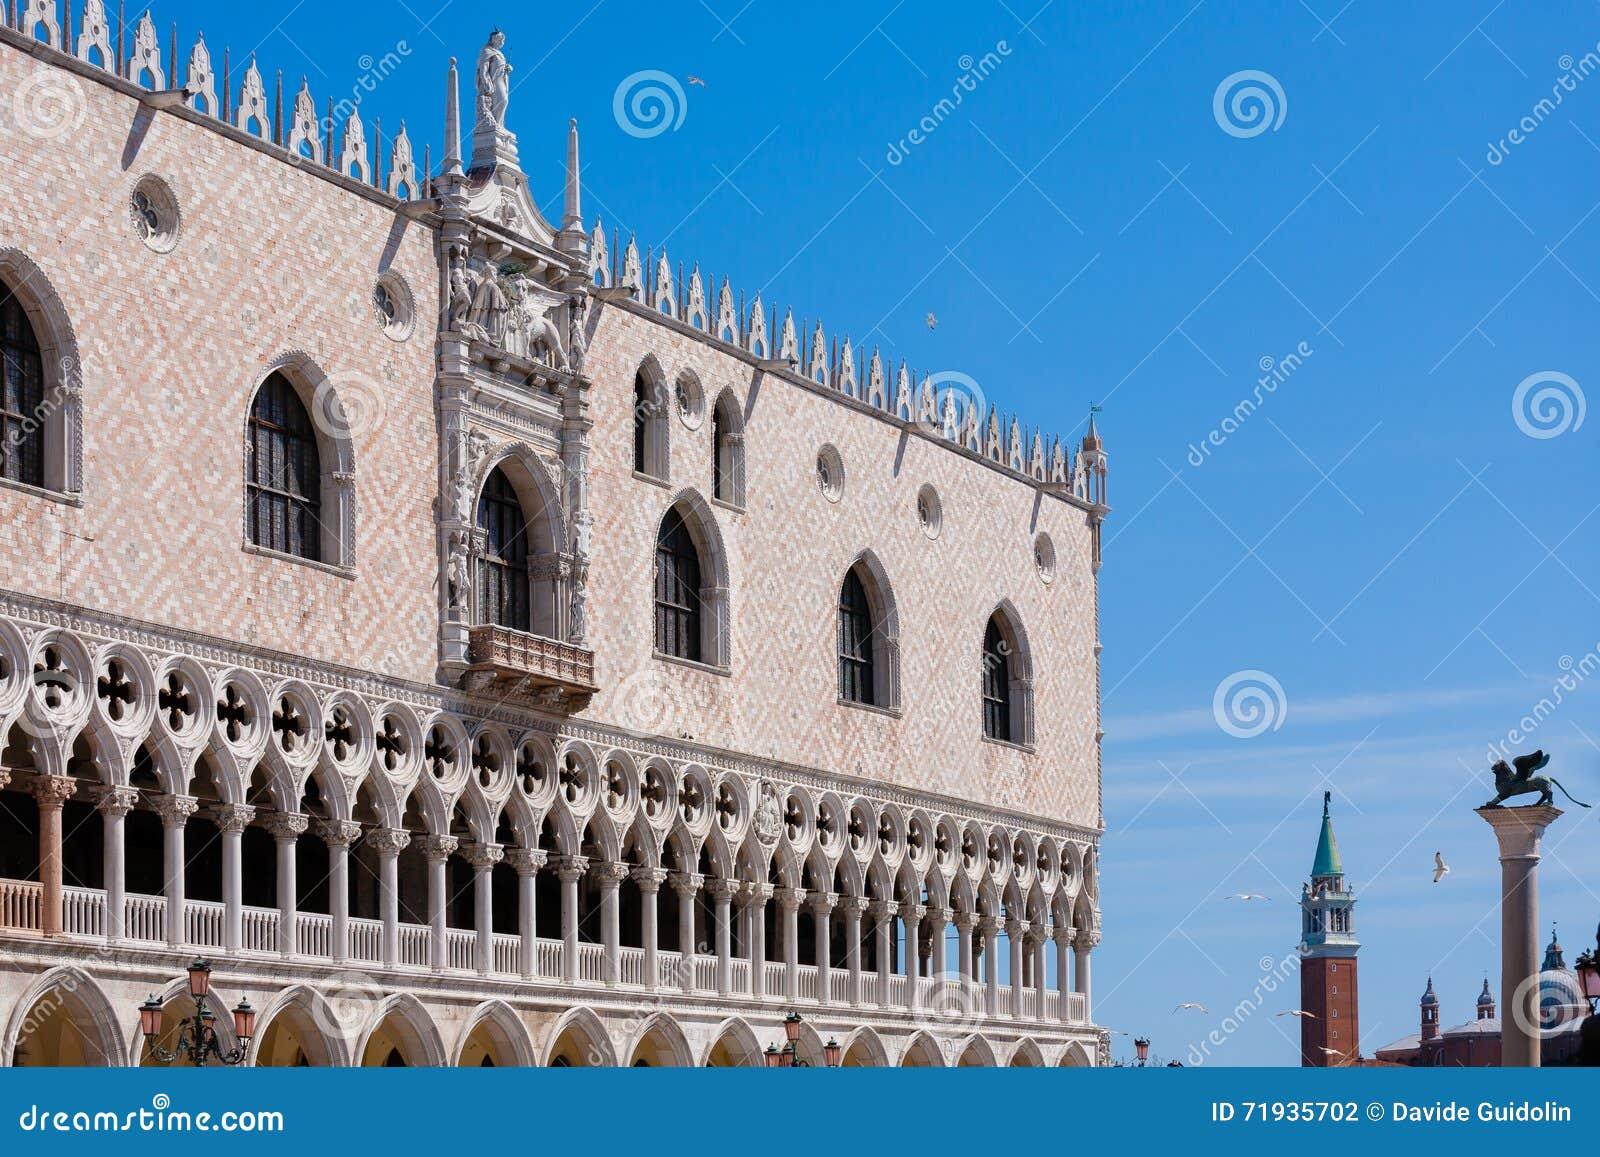 Взгляд дворца дожа, Италия